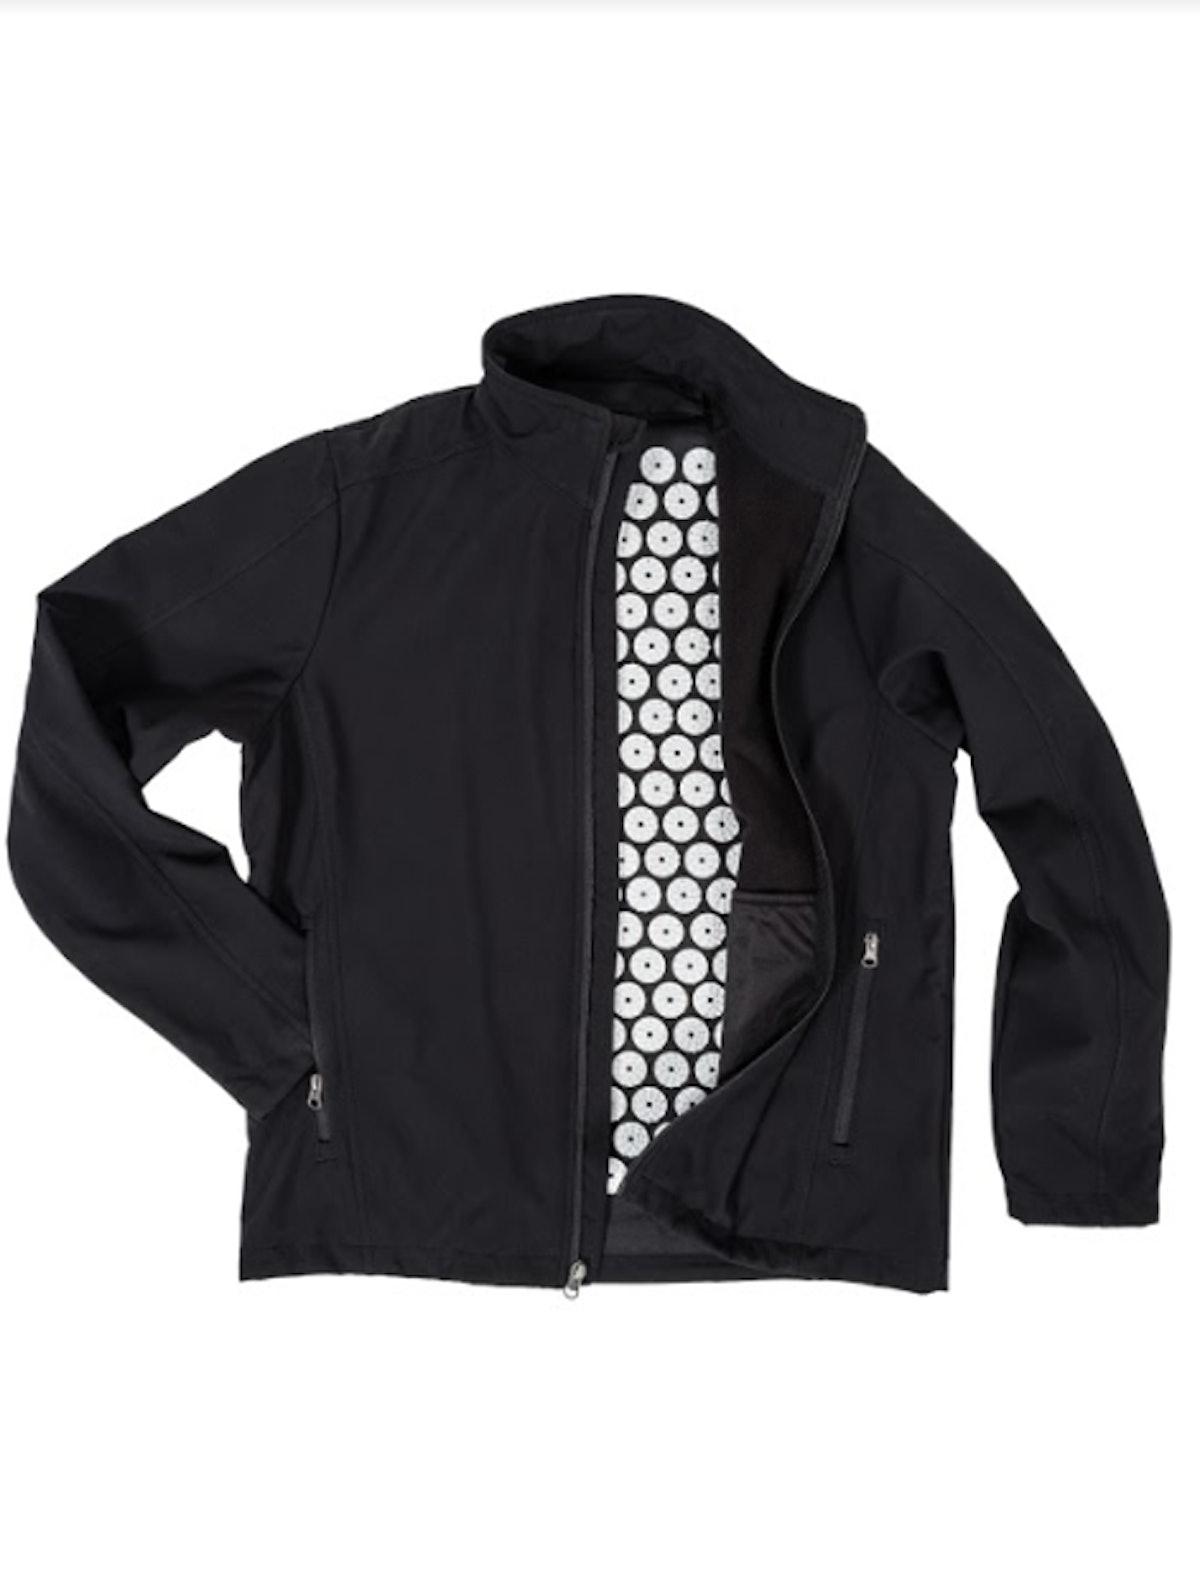 The Yogi Jacket